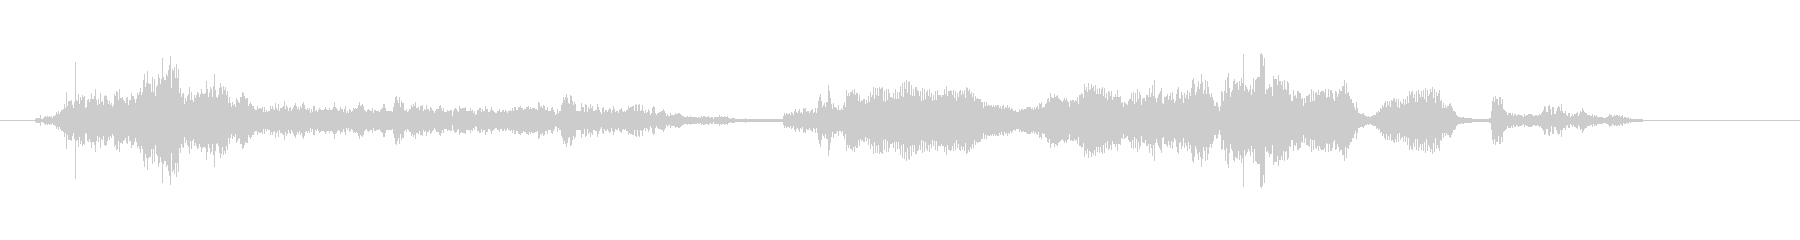 ノイズ ローファイランダムネス02の未再生の波形